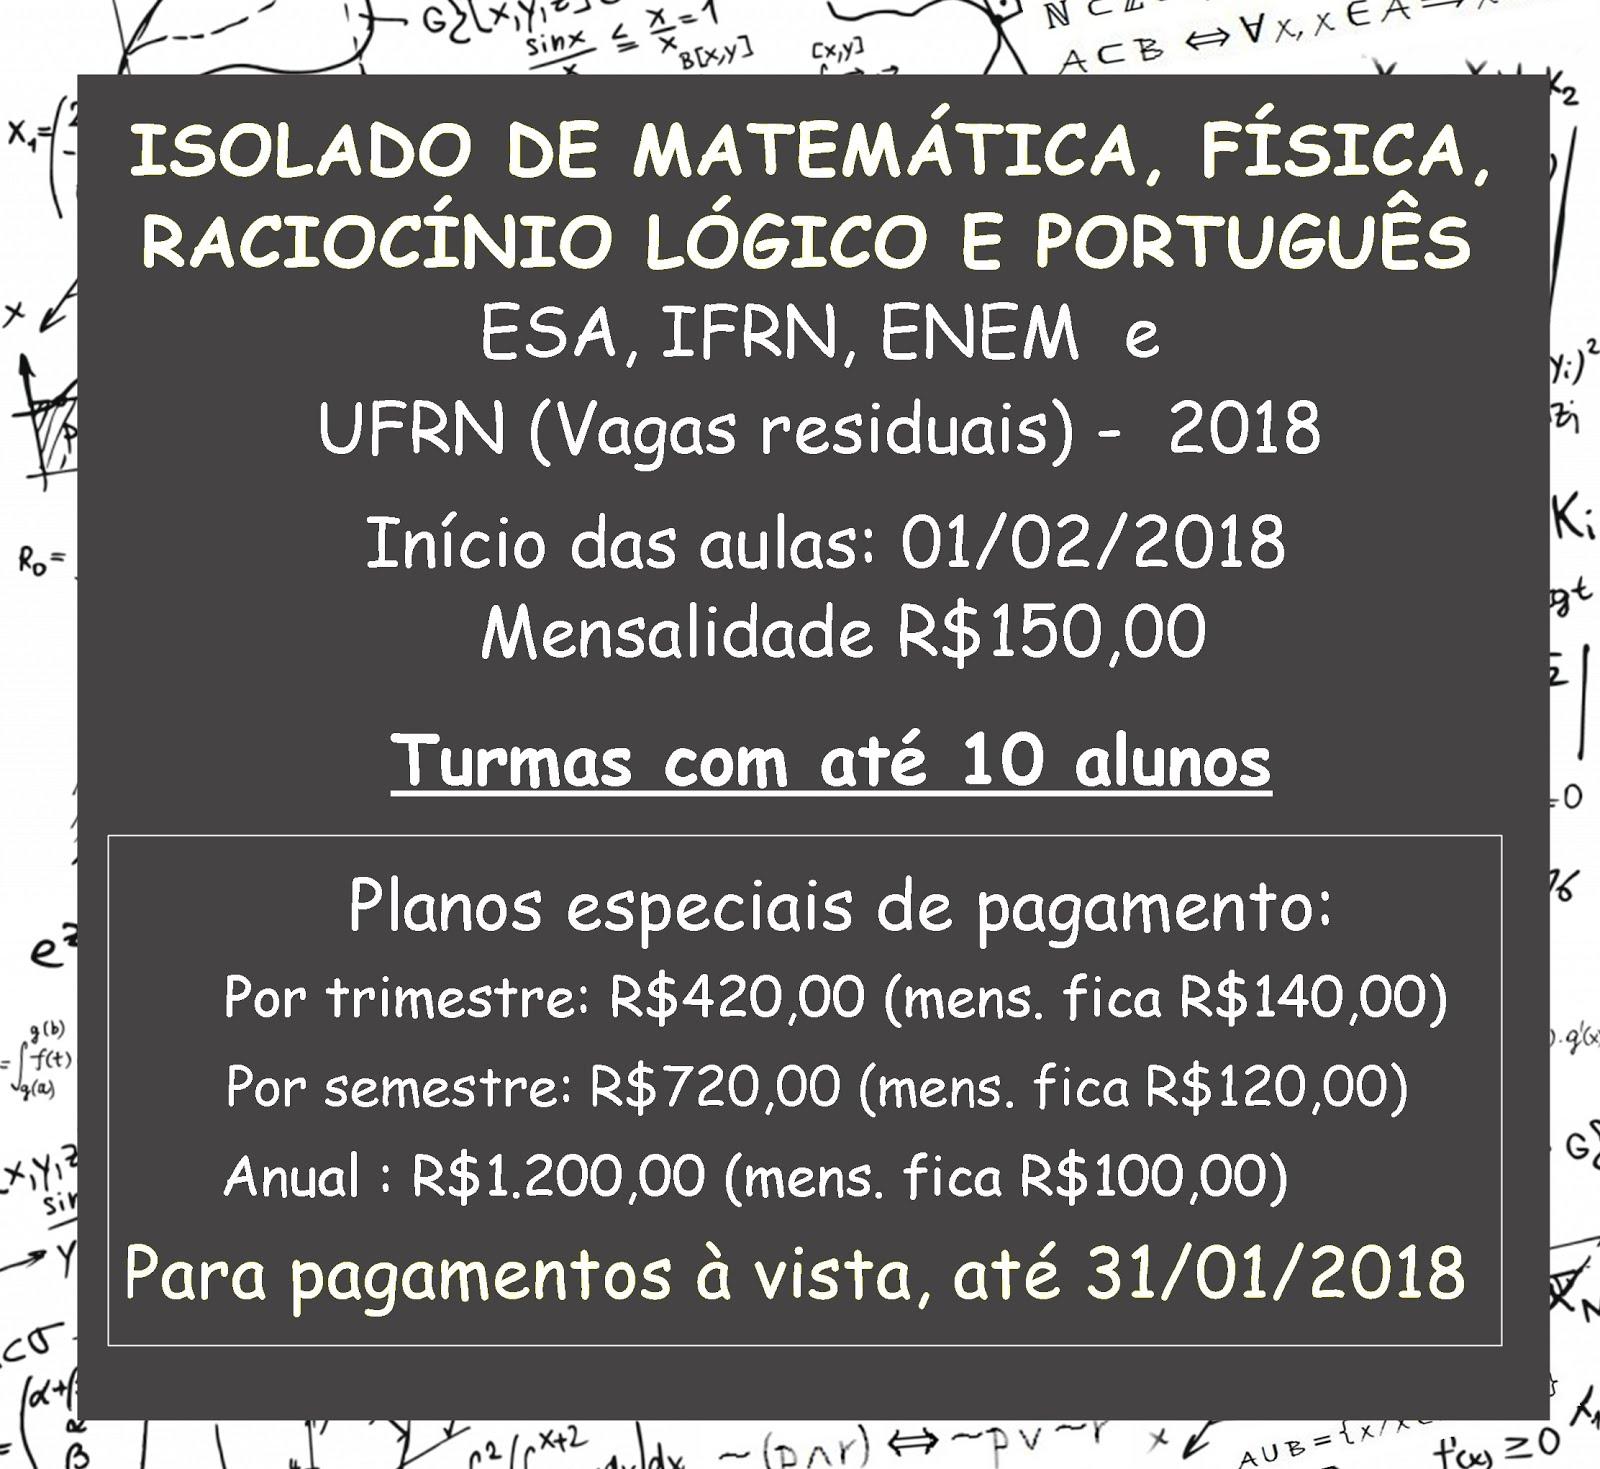 PROMOÇÃO TURMAS 2018